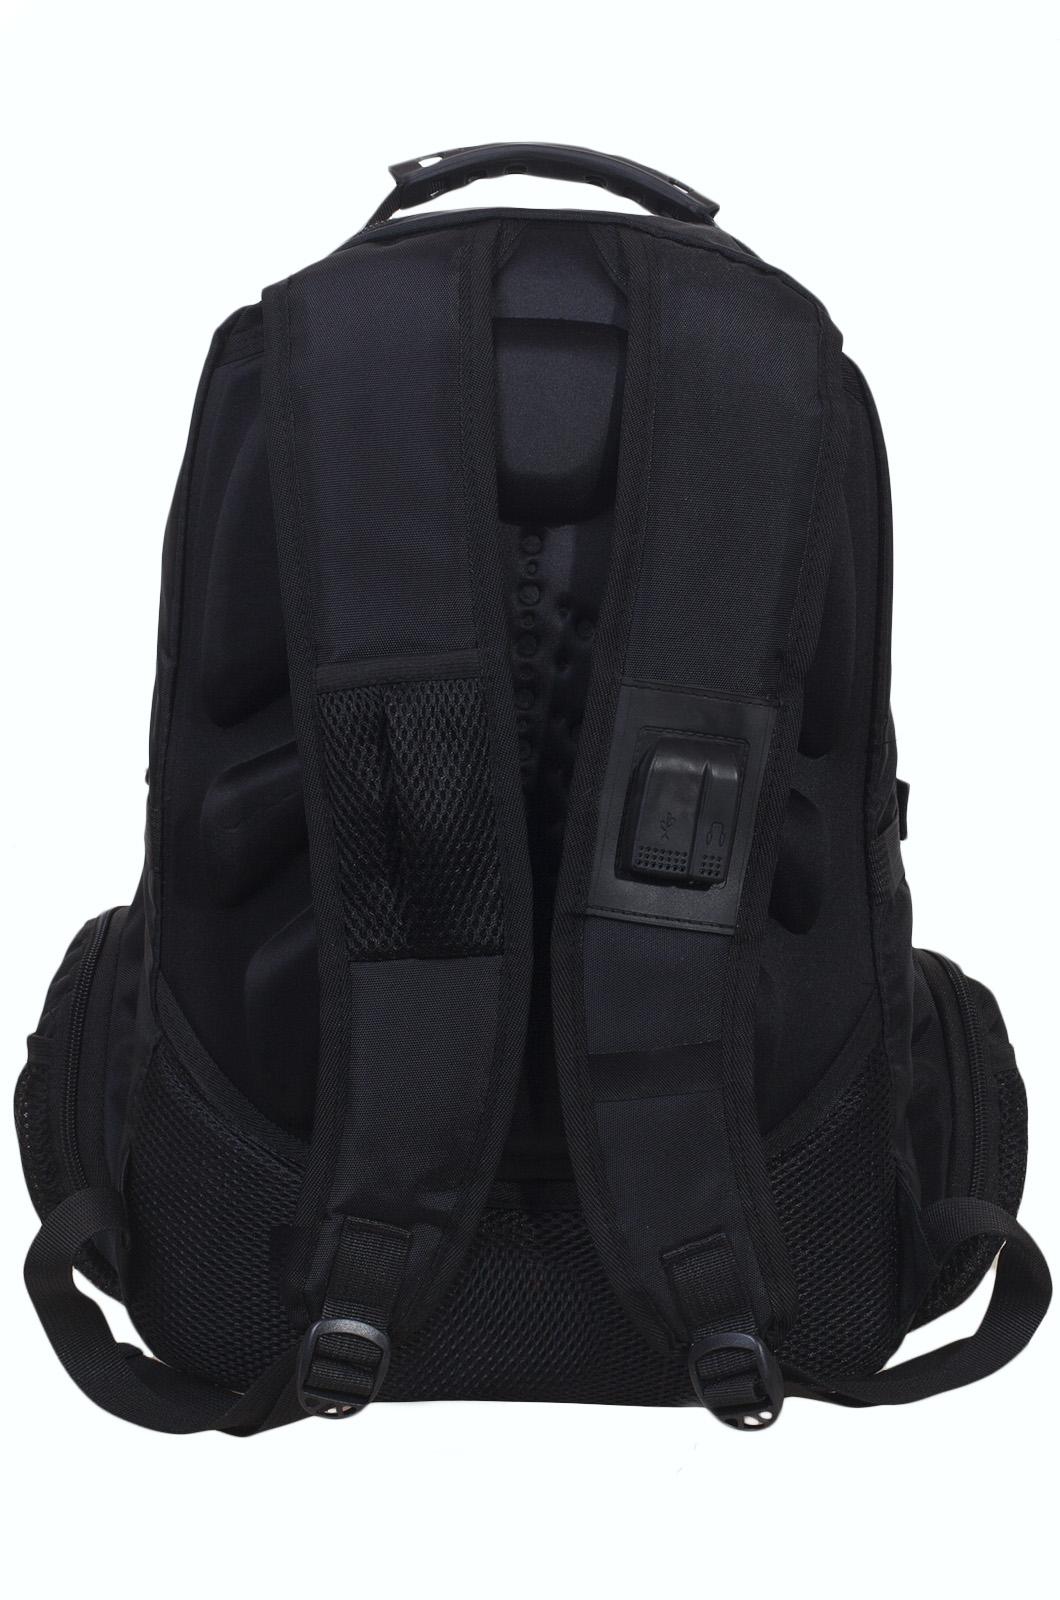 Функциональный городской рюкзак с нашивкой РВиА купить онлайн